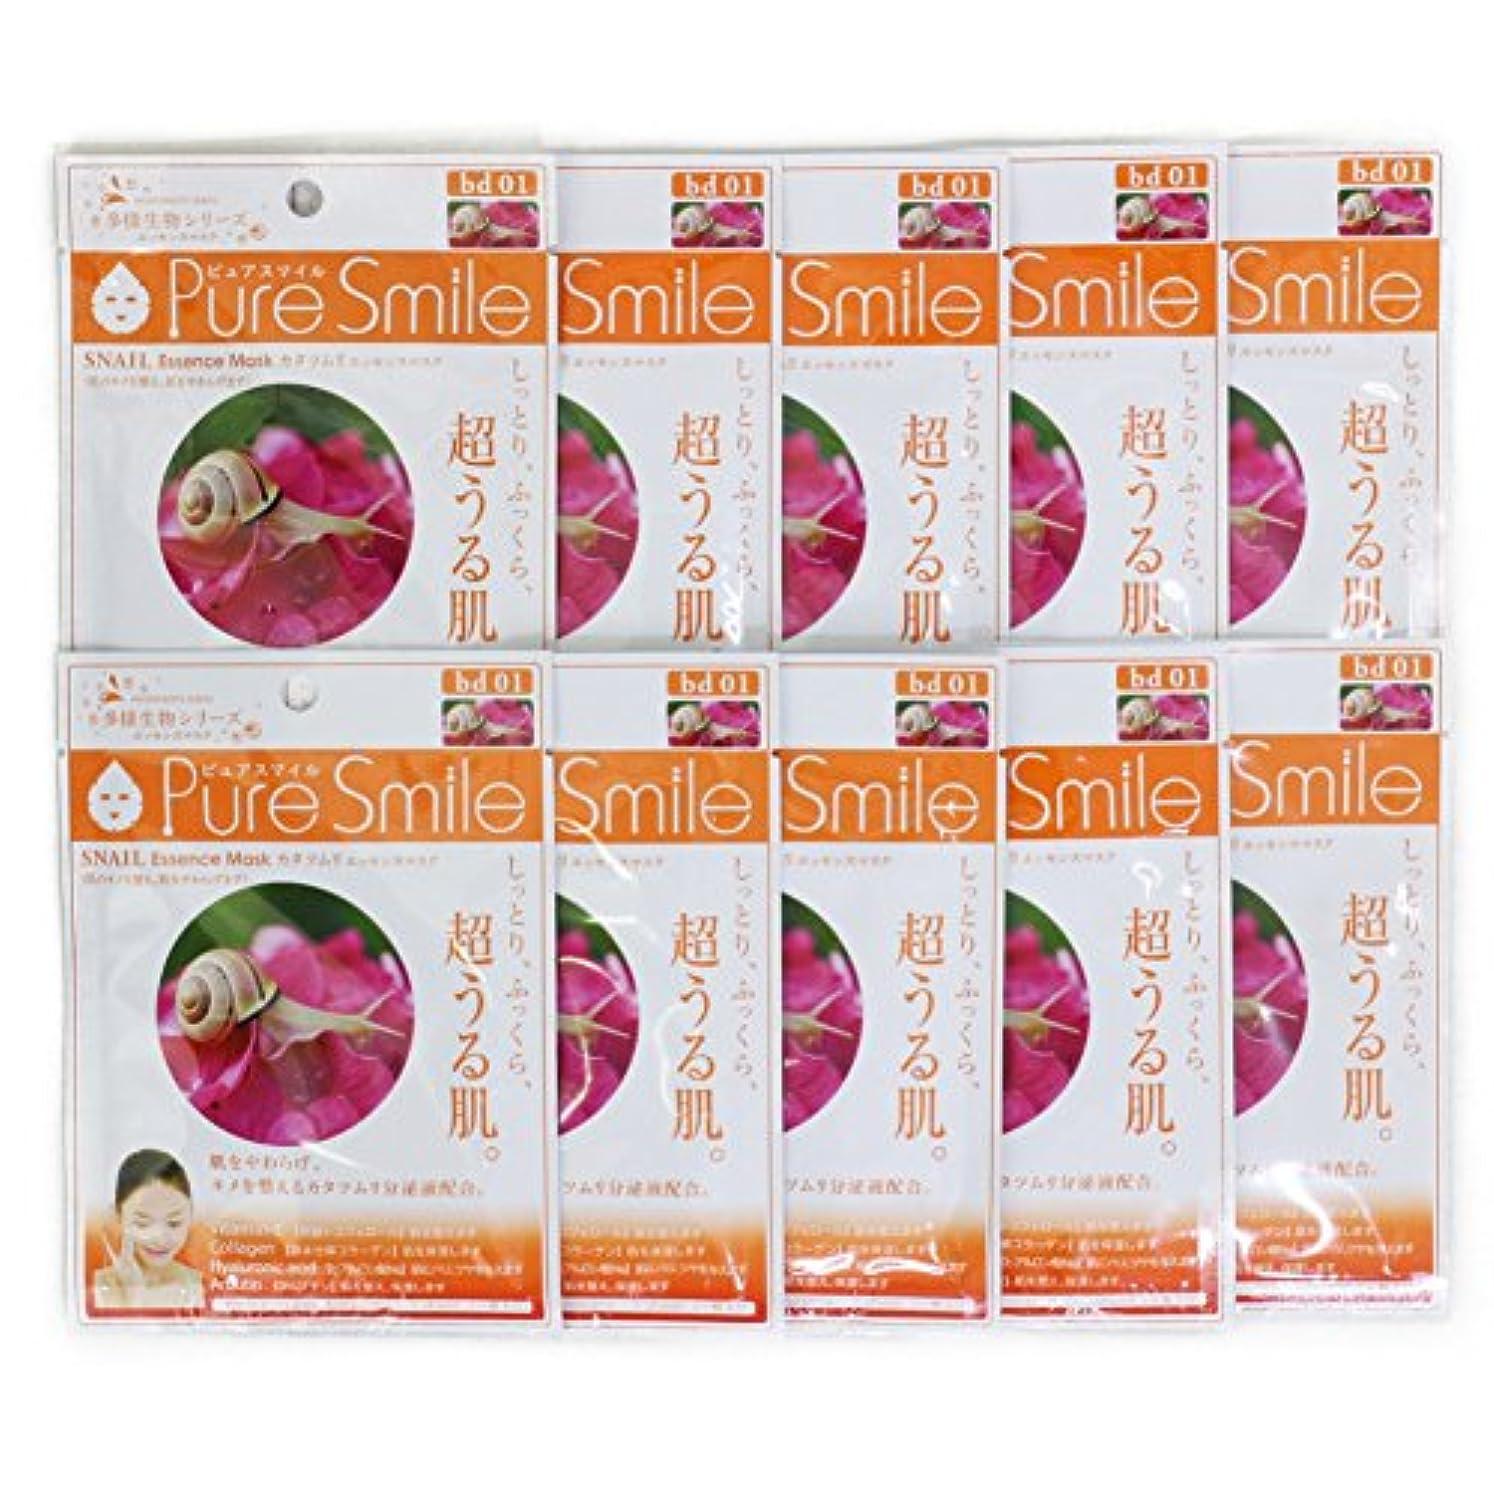 発送ところで内なるPure Smile ピュアスマイル 多様生物エッセンスマスク カタツムリ 10枚セット